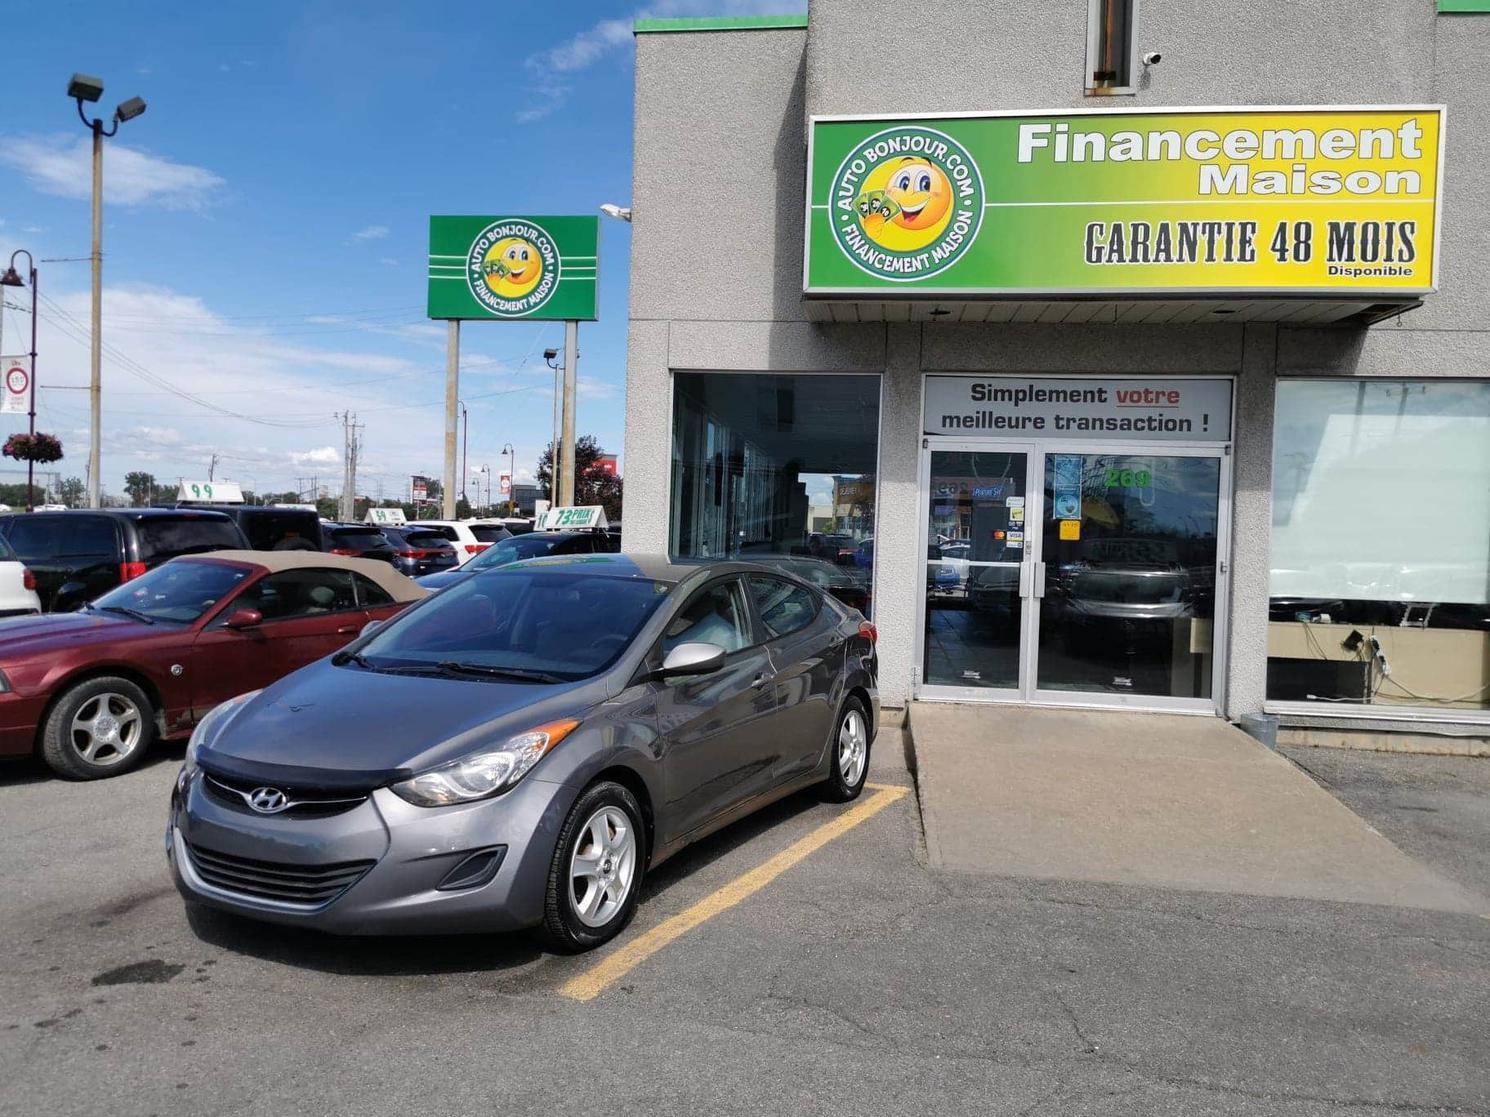 2011 Hyundai Elantra 68$$/SEMAINE